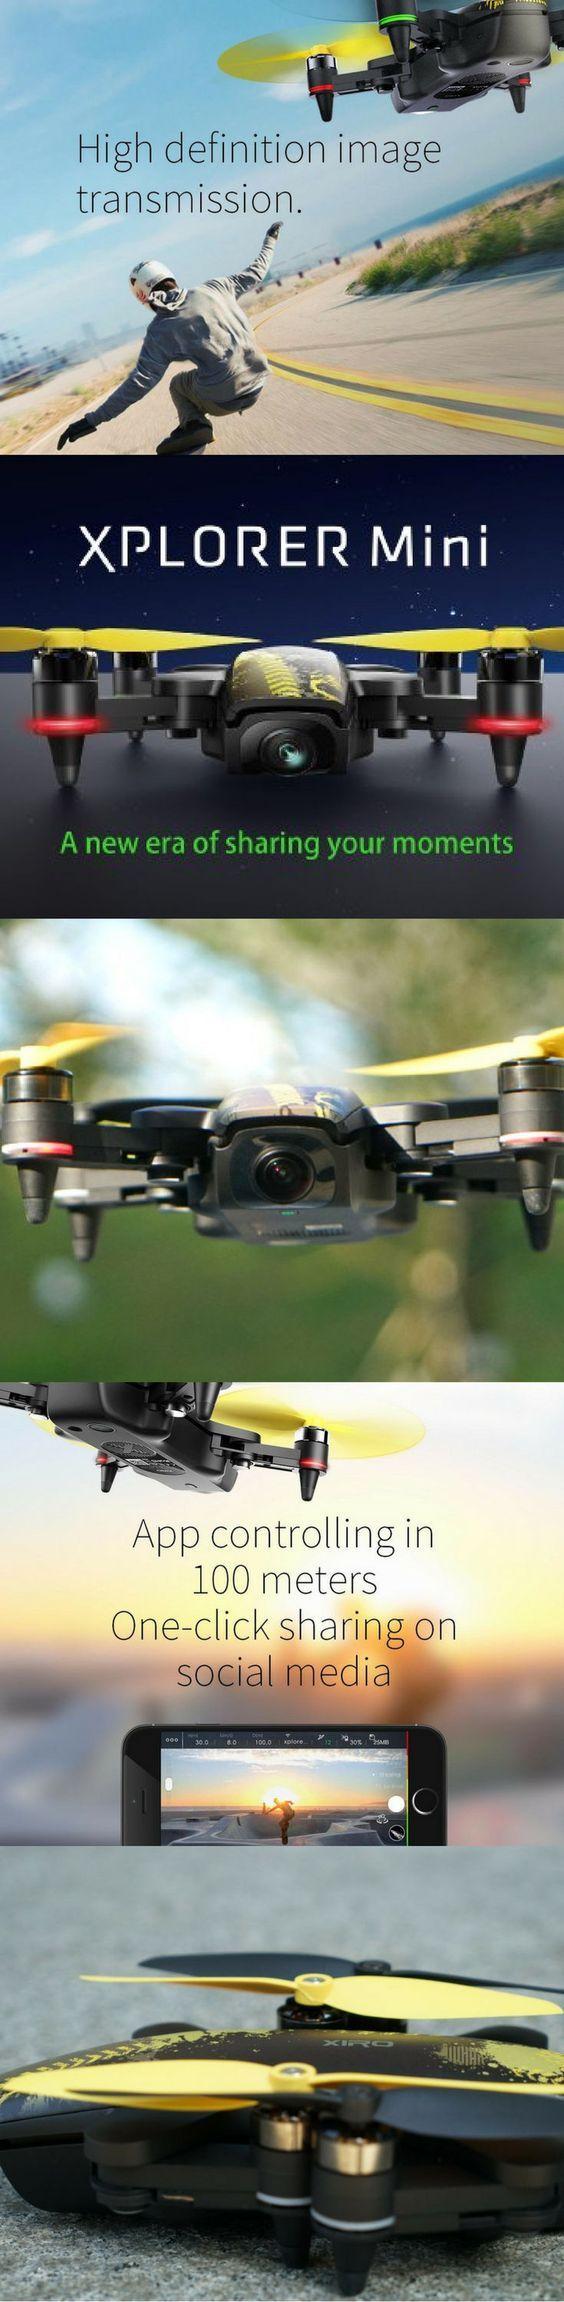 Xiro Xplorer Mini -The Perfect Selfie Drone   Drone   Small